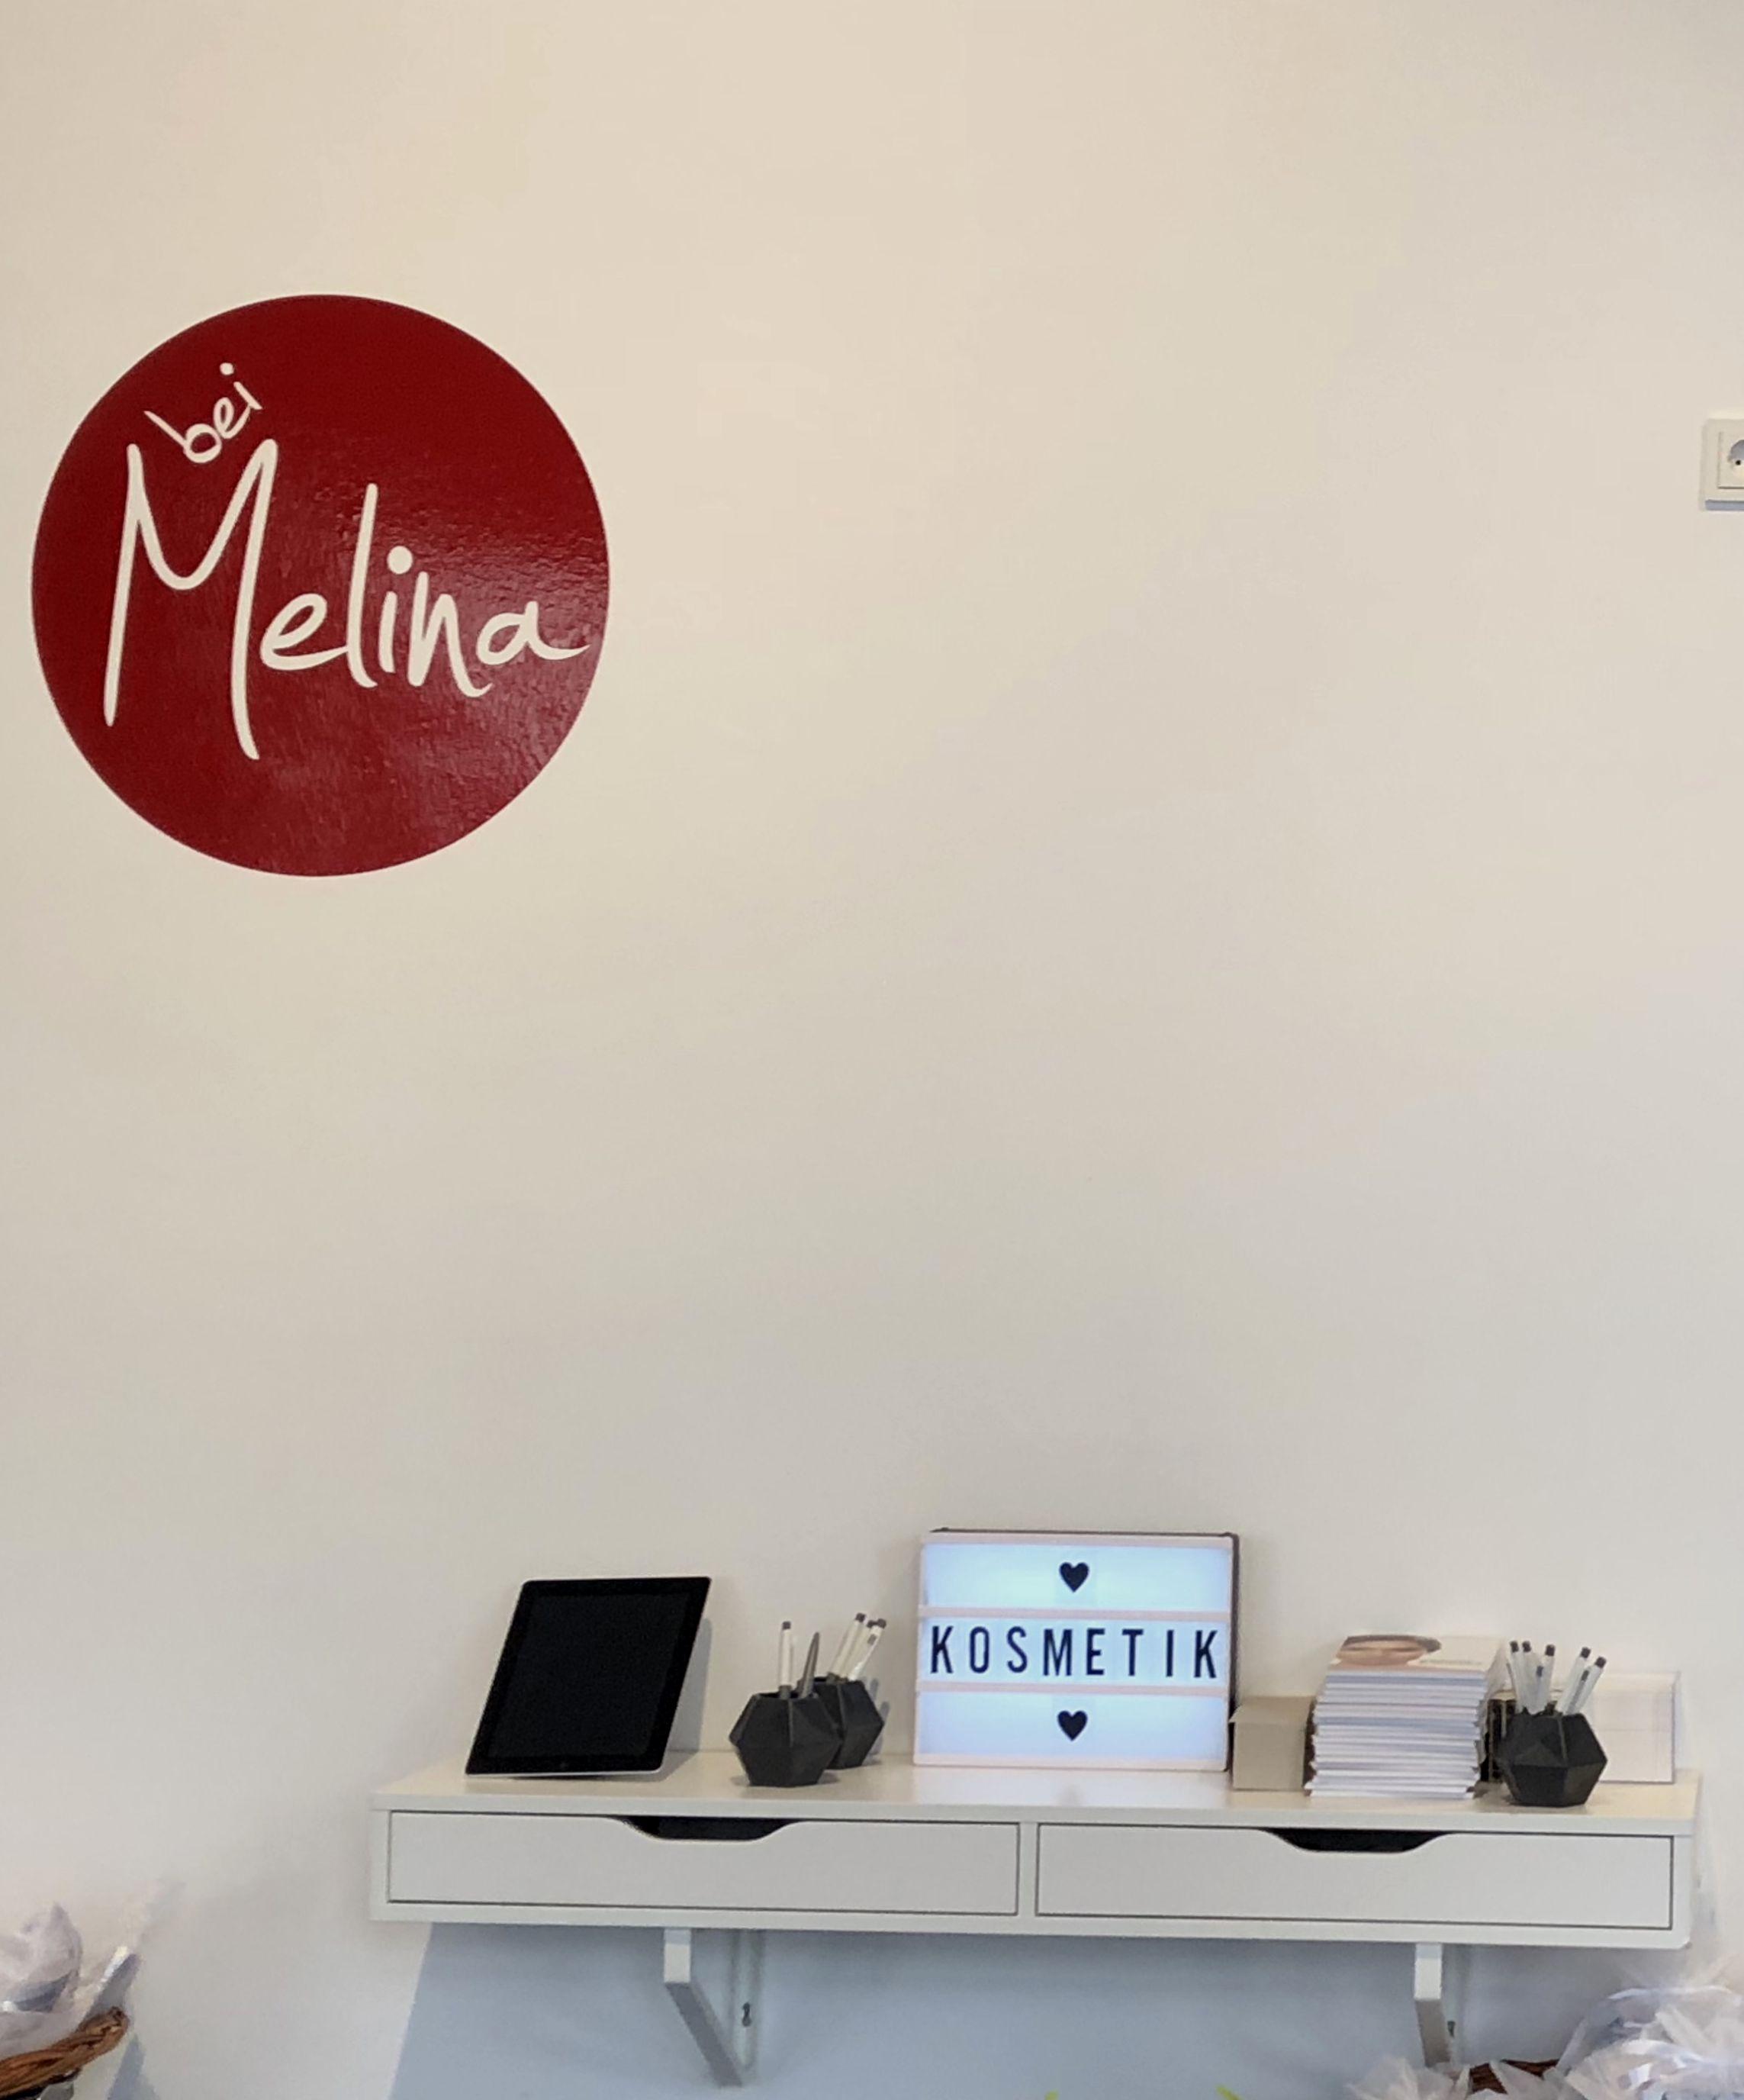 Hautnah Kosmetik bei Melina